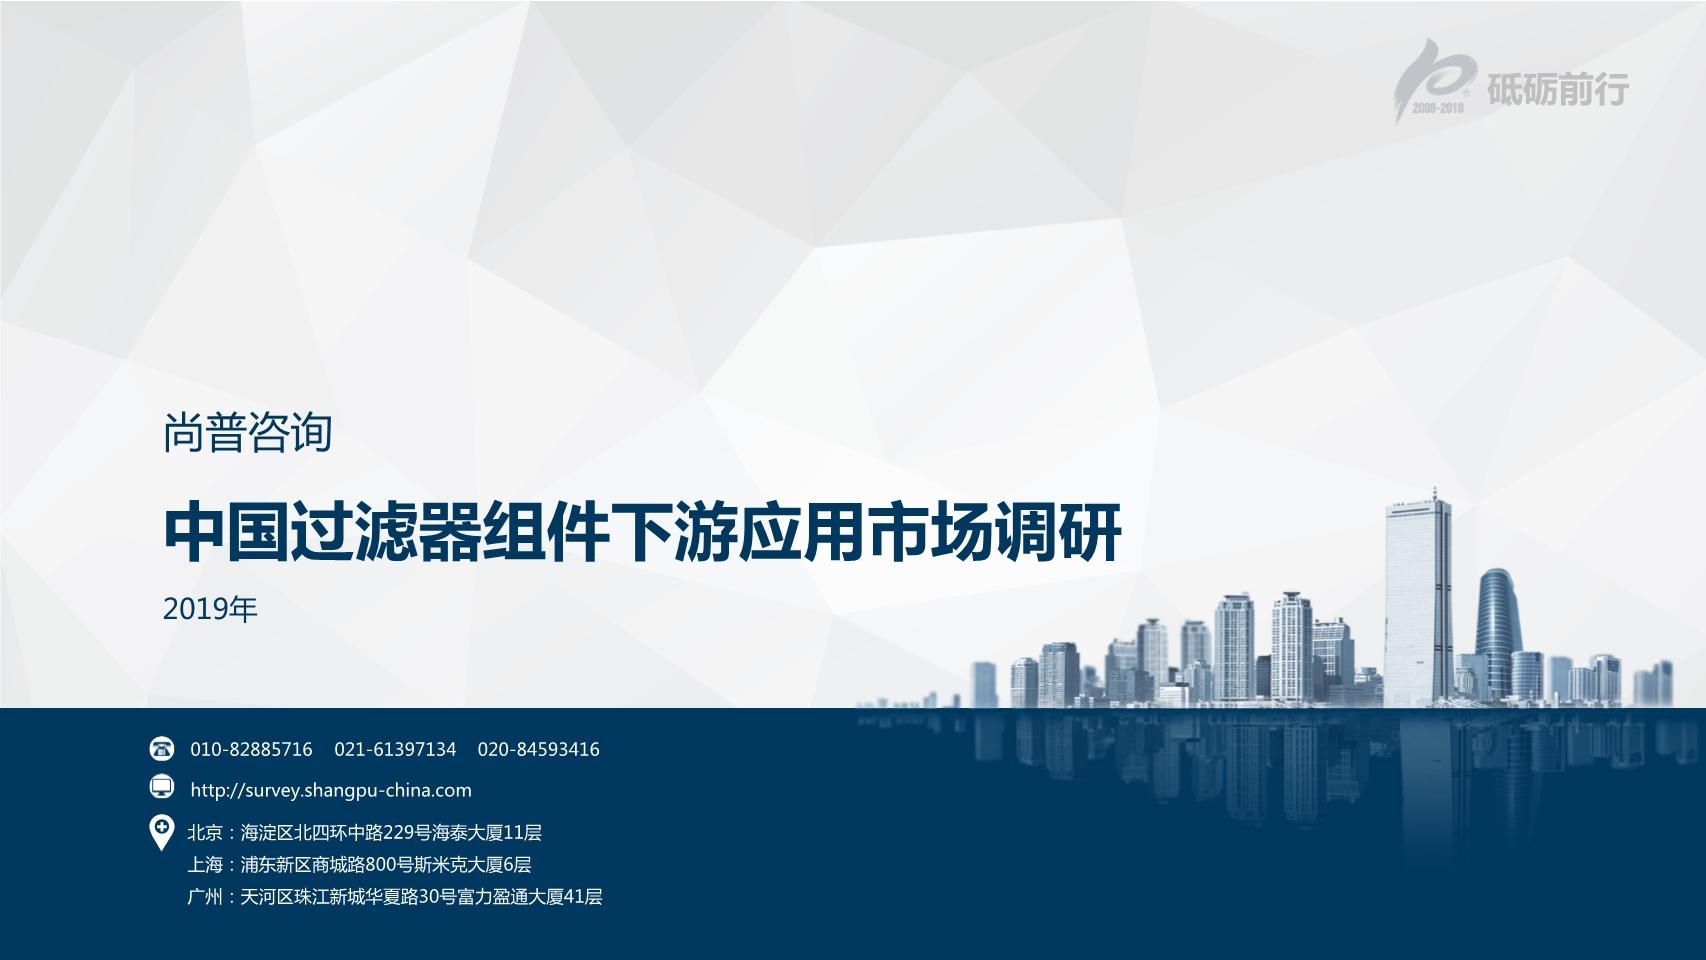 尚普咨询-中国过滤器组件下游应用市场调研